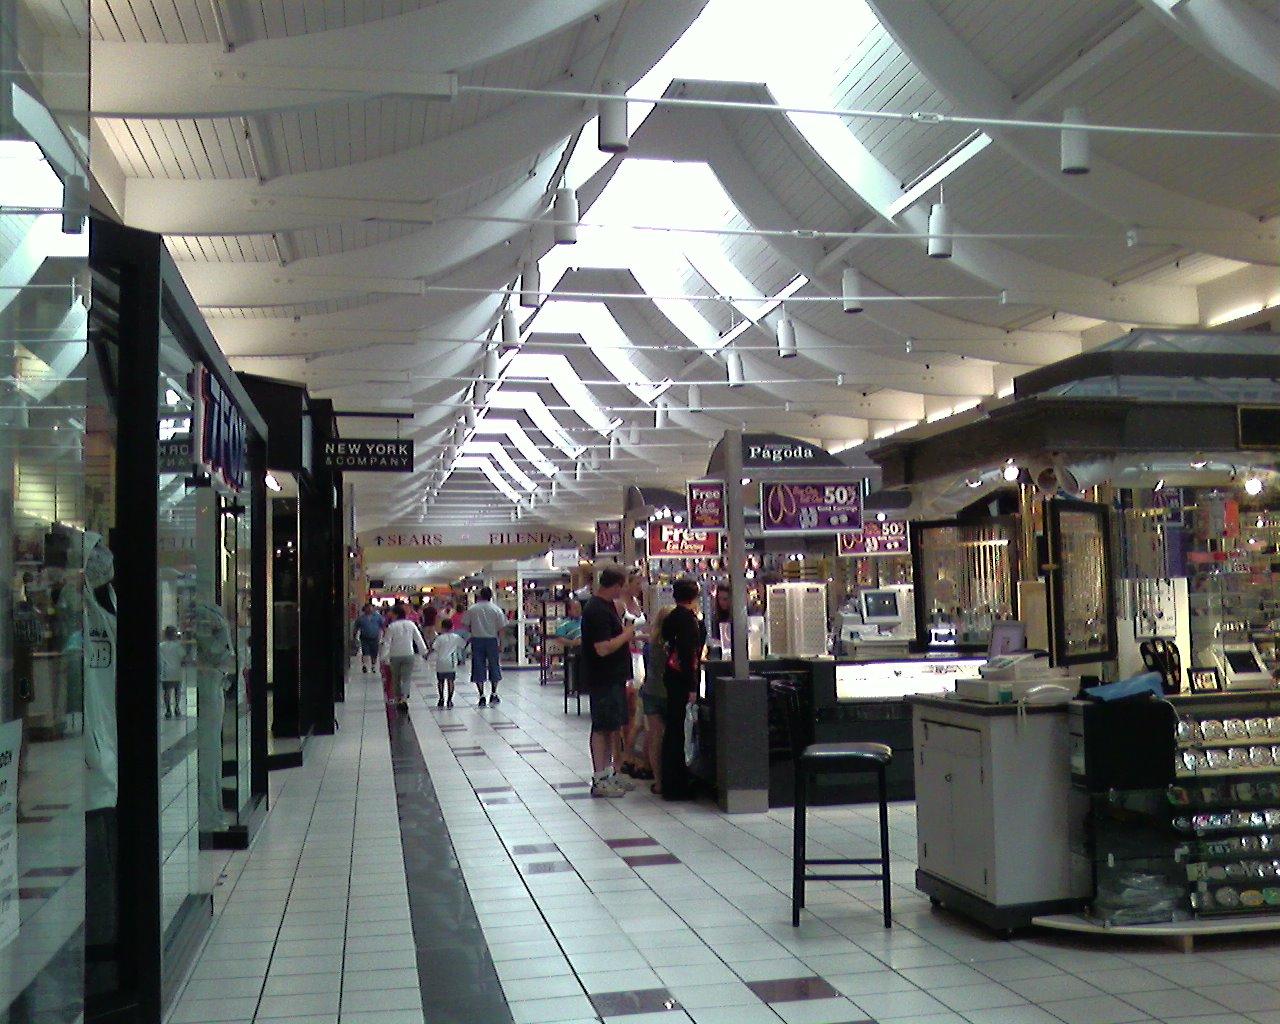 Auburn Mall in Auburn, Massachusetts